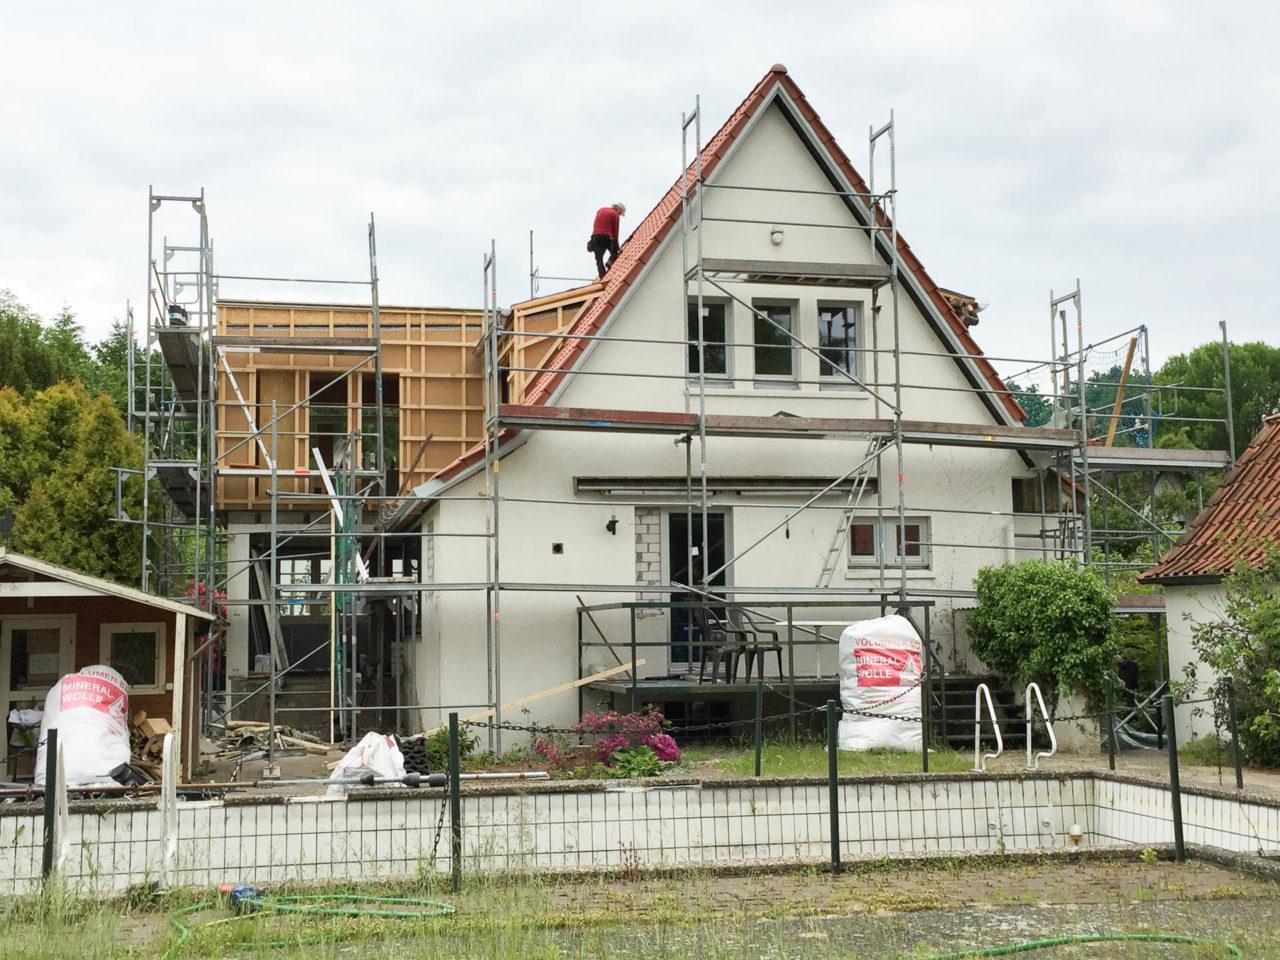 Foto von pablo baugestaltung zeigt die Vorderansicht des Anbaues Volksdorf Hamburg mit Baugeruest